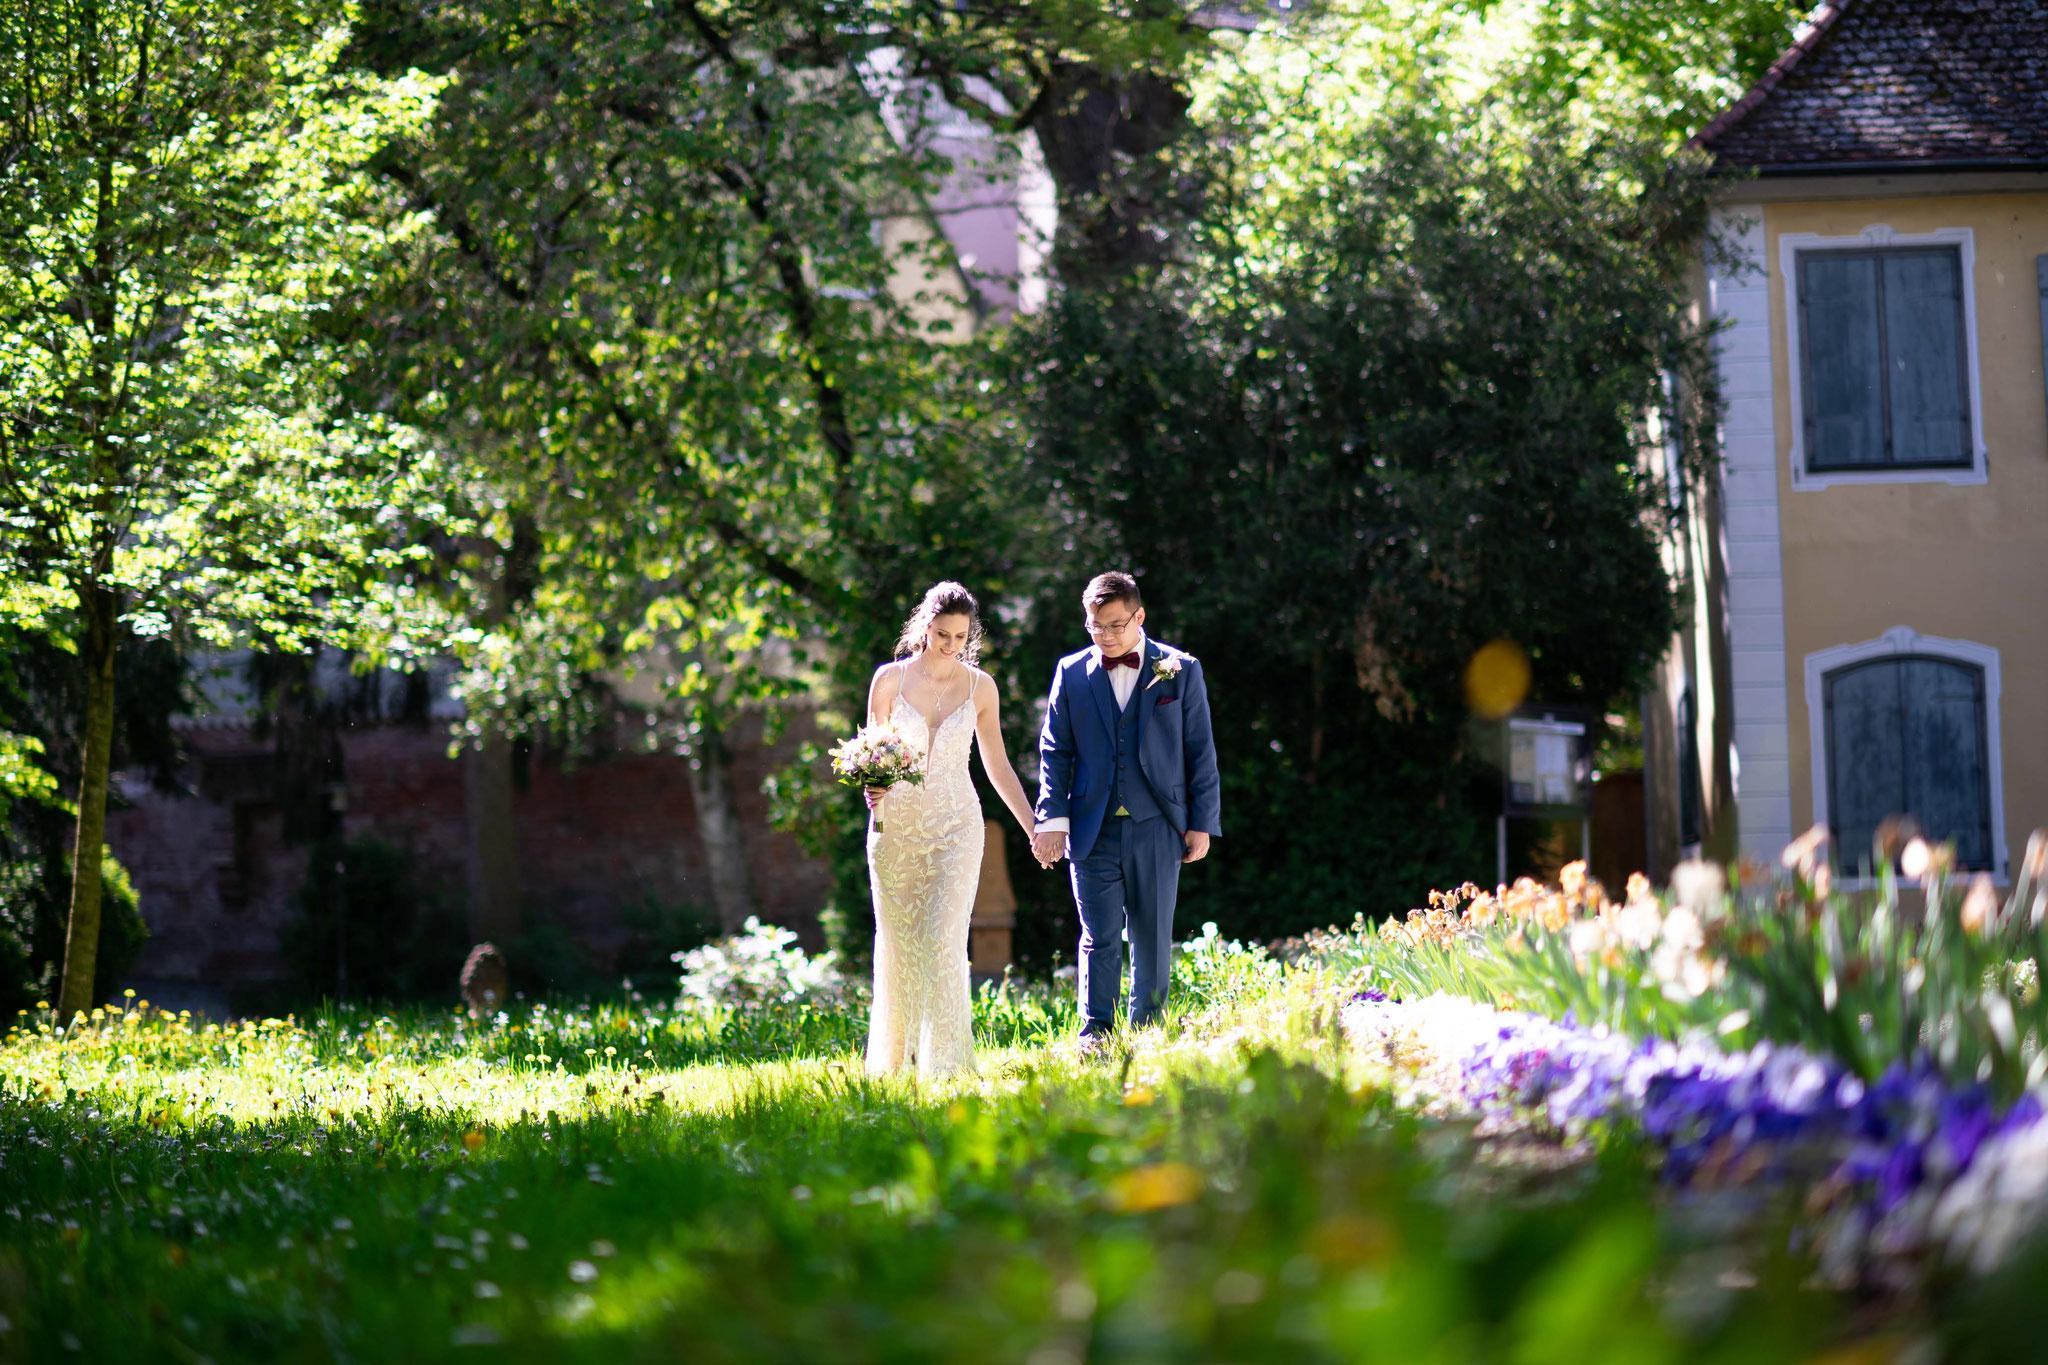 Fotograf und Videograf für authentische und professionelle Hochzeitsfotos und Hochzeitsfilme in Memmingen und Bayern